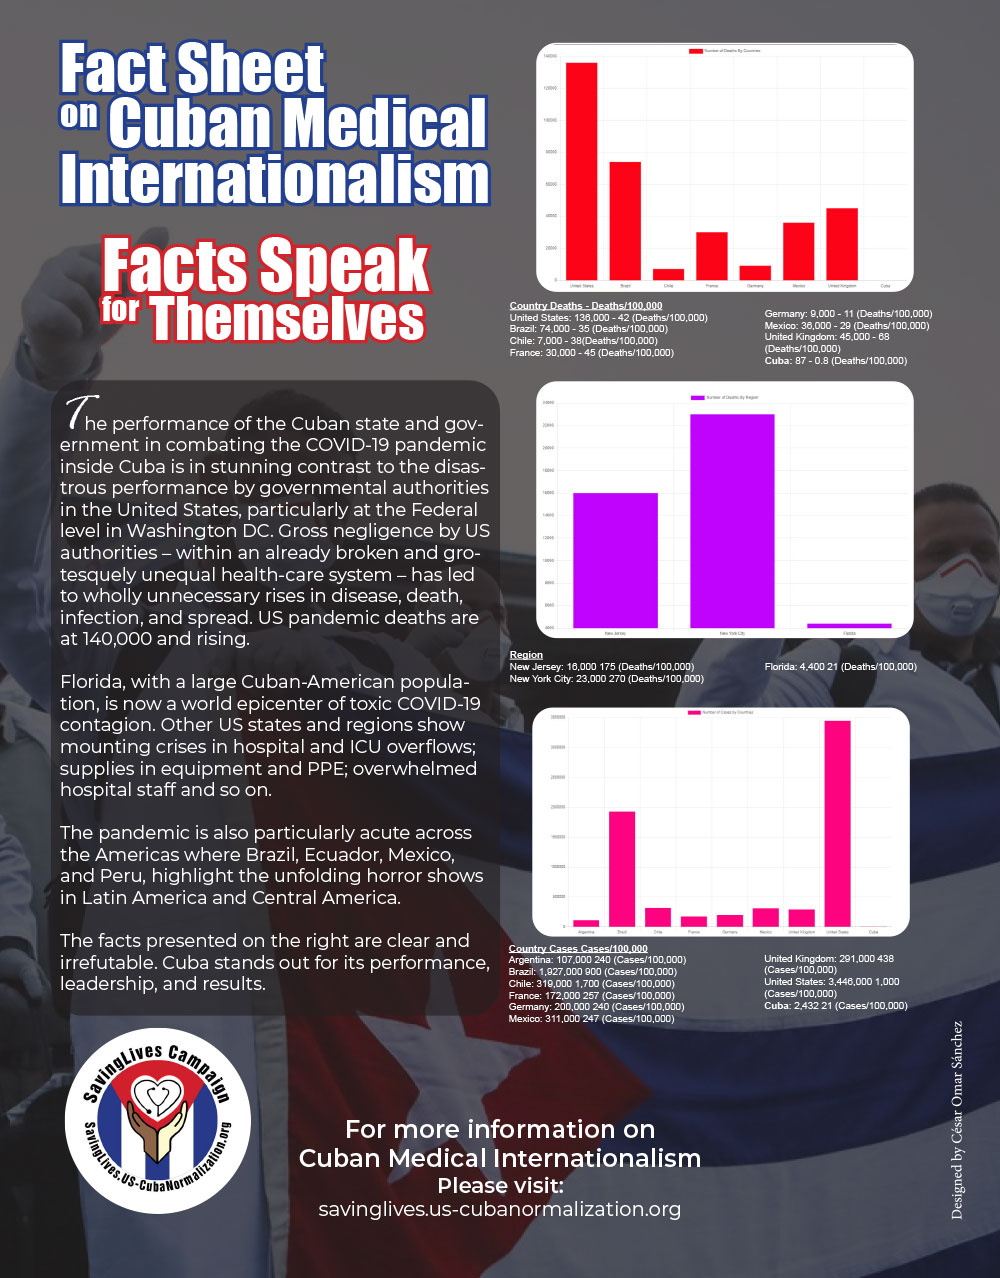 FACT SHEET ON CUBAN MEDICAL INTERNATIONALISM